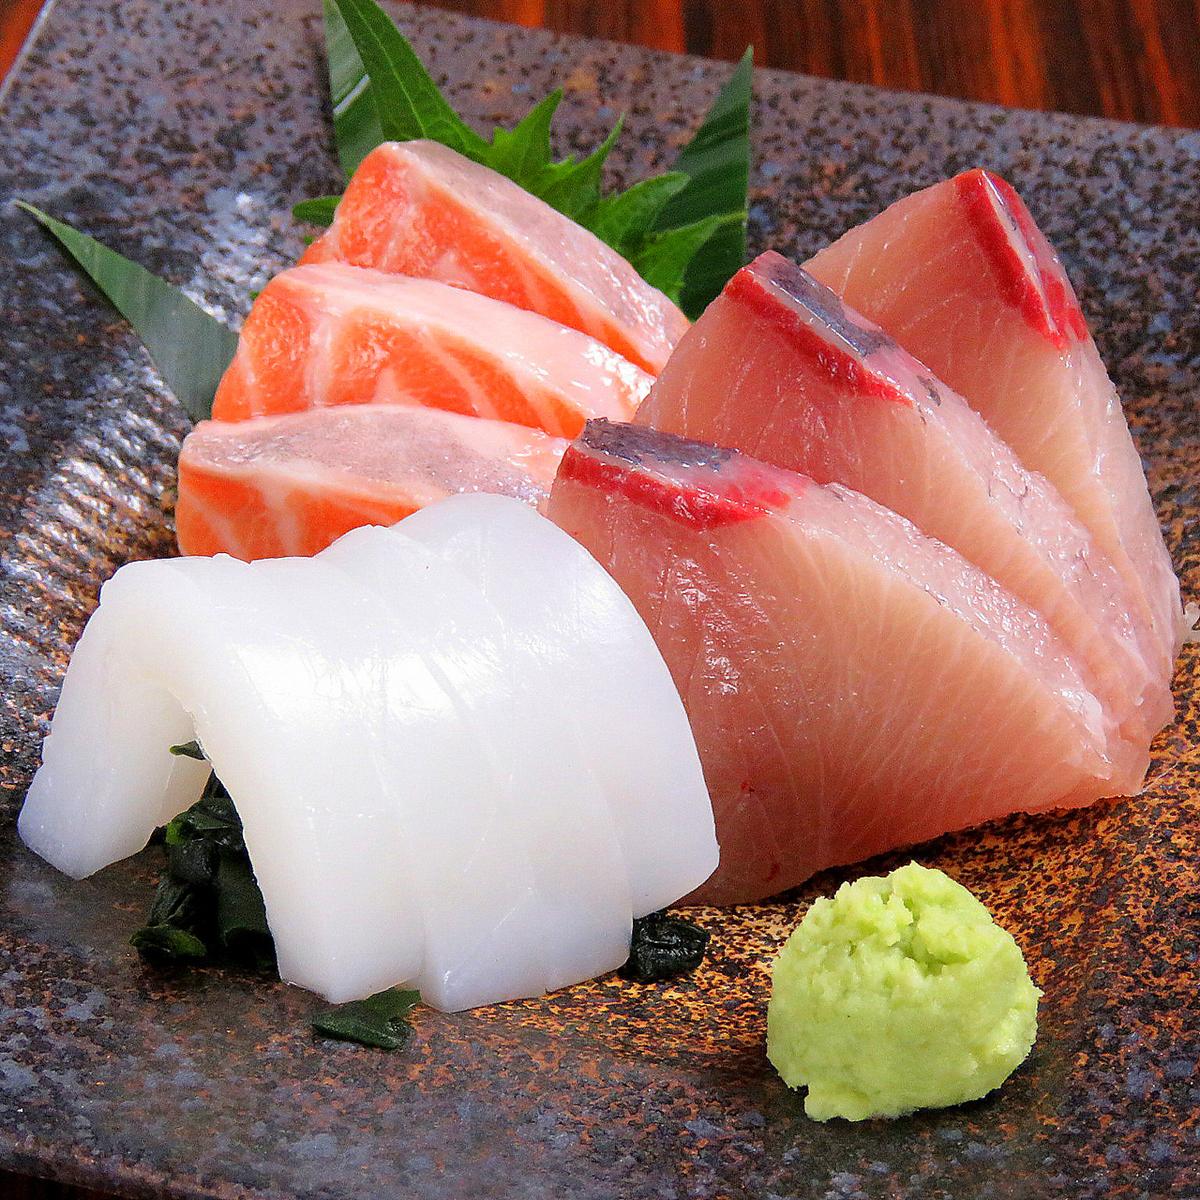 【生魚片】3種生魚片